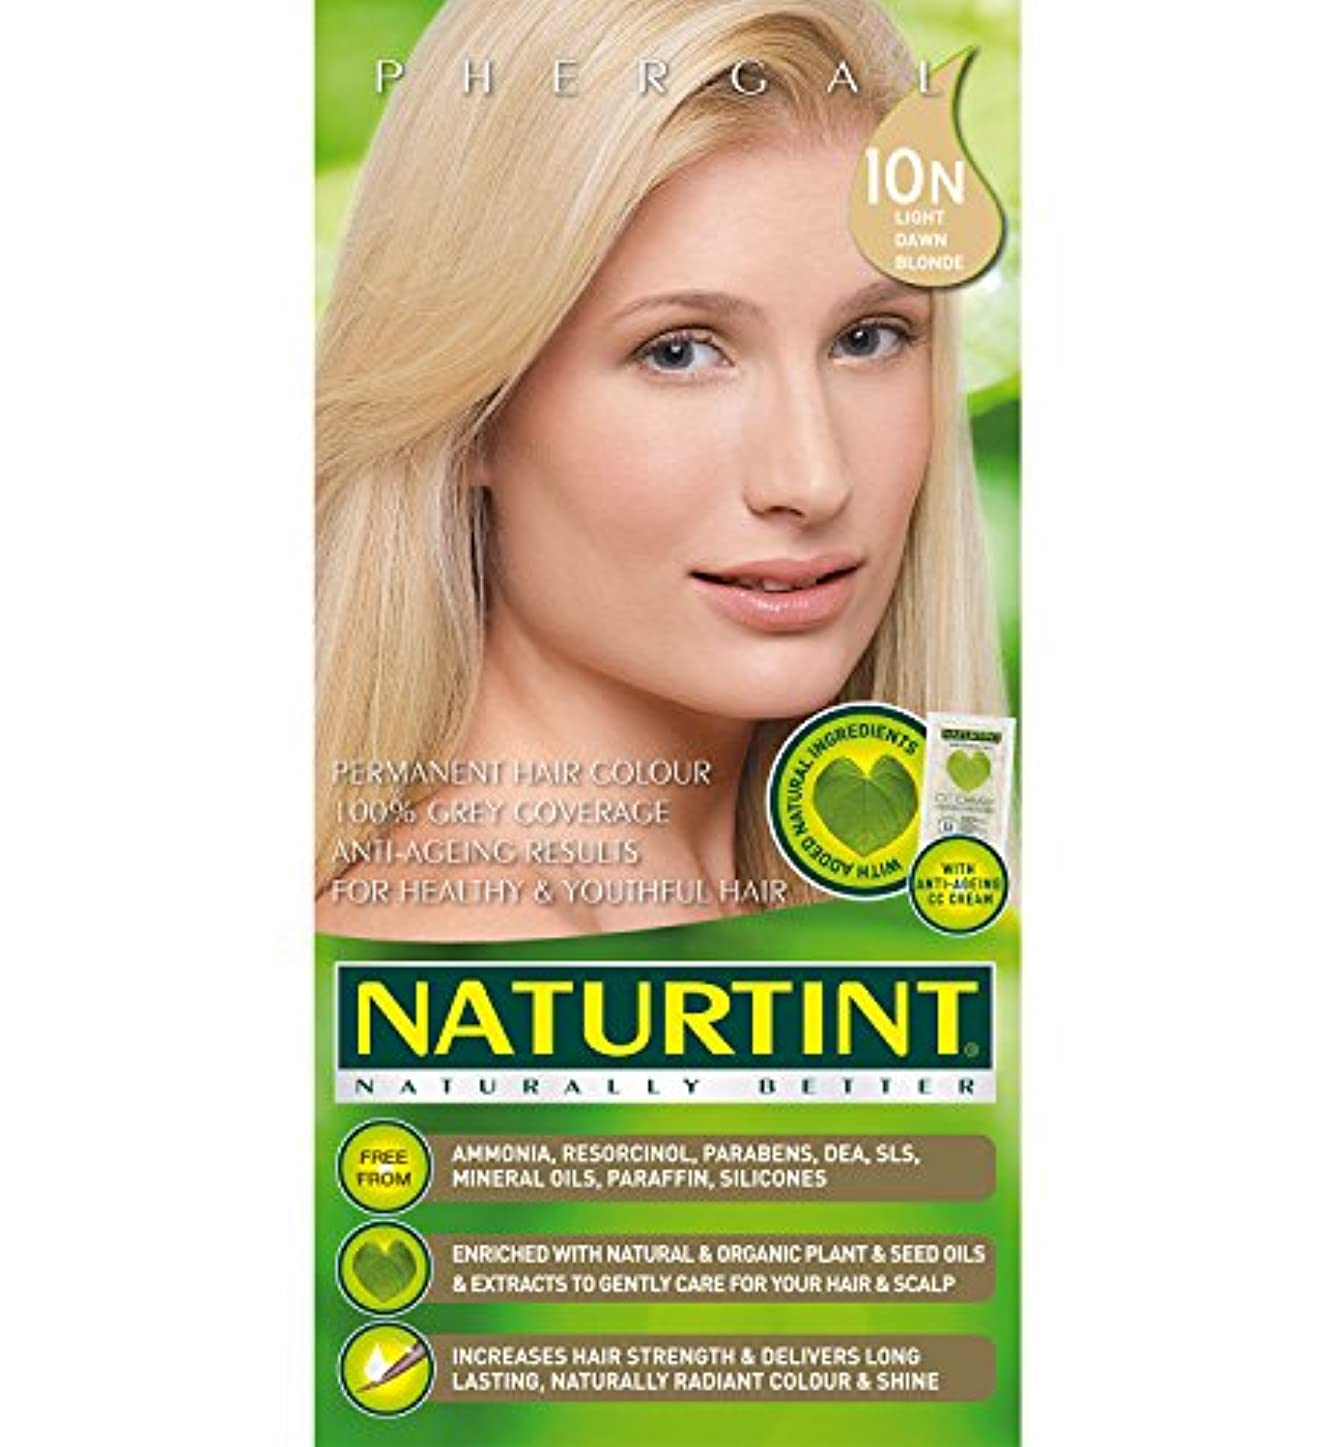 整理する上院議員構築するNaturtint Hair Color 10N Light Dawn Blonde Count (並行輸入品)